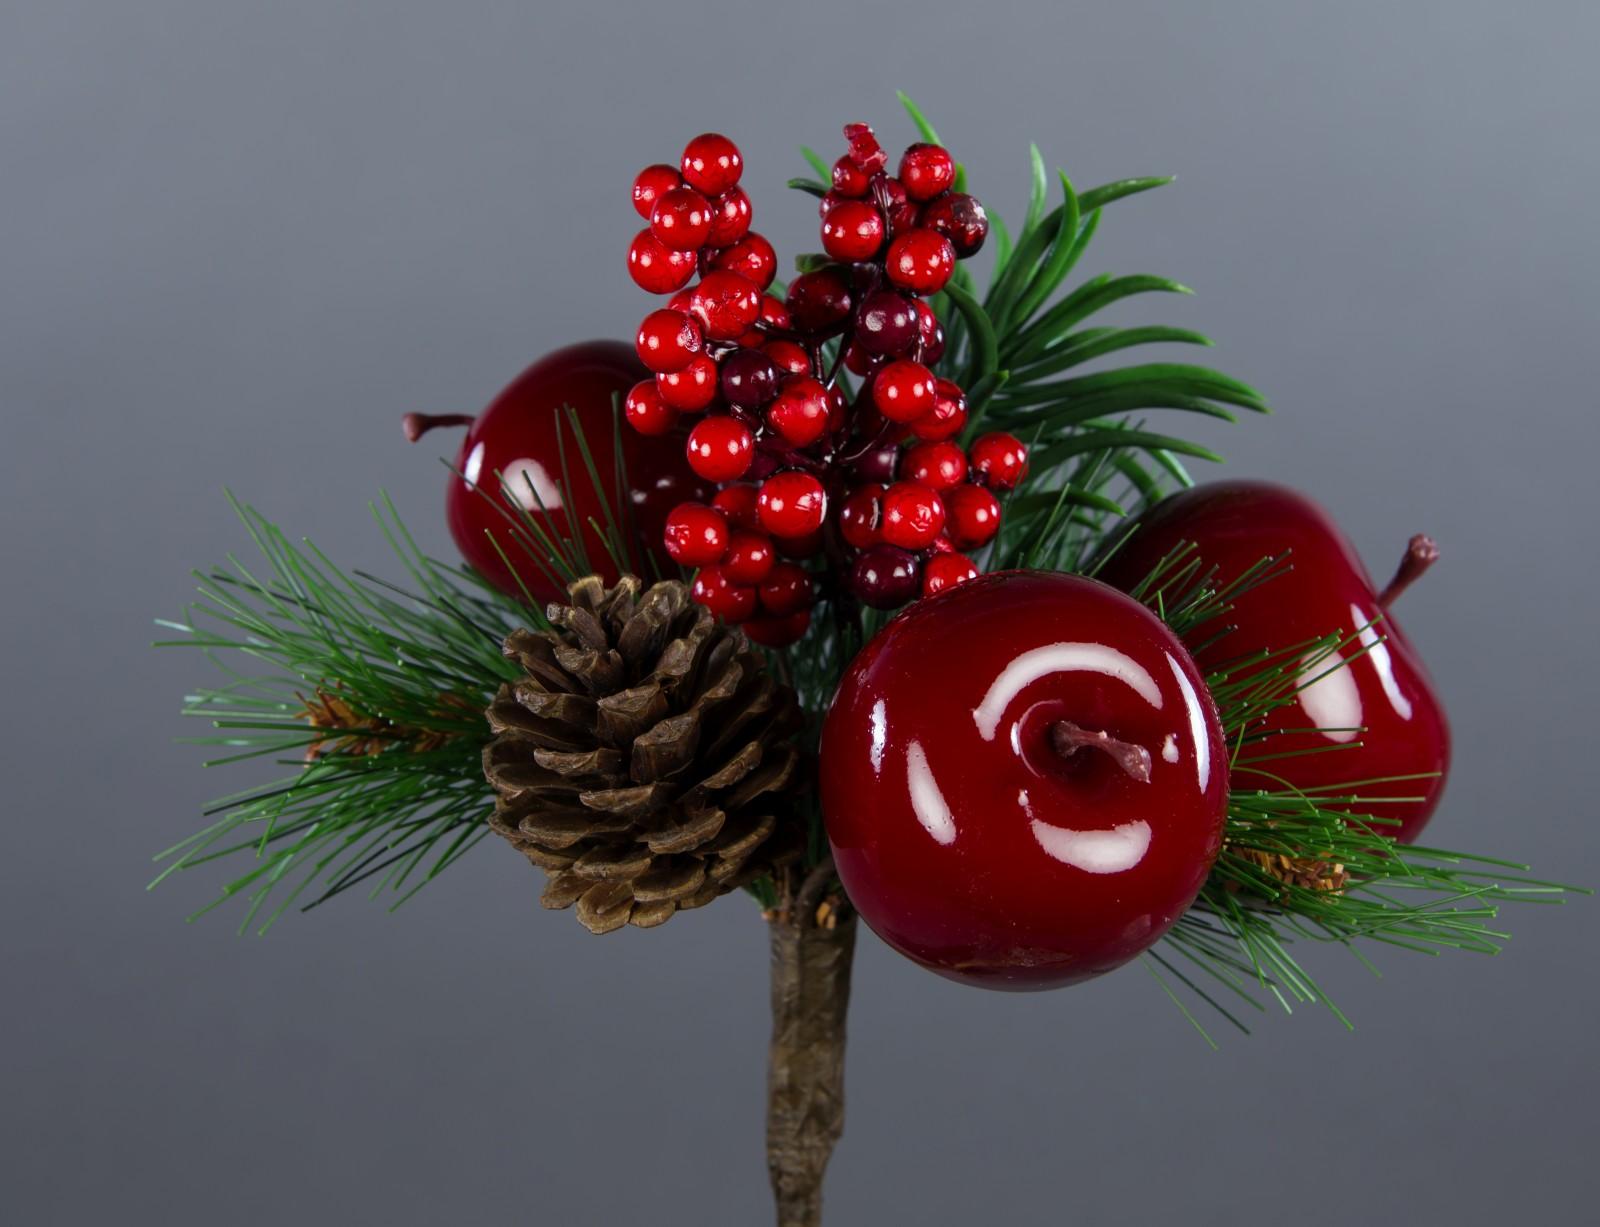 weihnachtsbouquet 20x16cm mit apfel beeren zapfen und tanne ga kunstpflanzen ebay. Black Bedroom Furniture Sets. Home Design Ideas